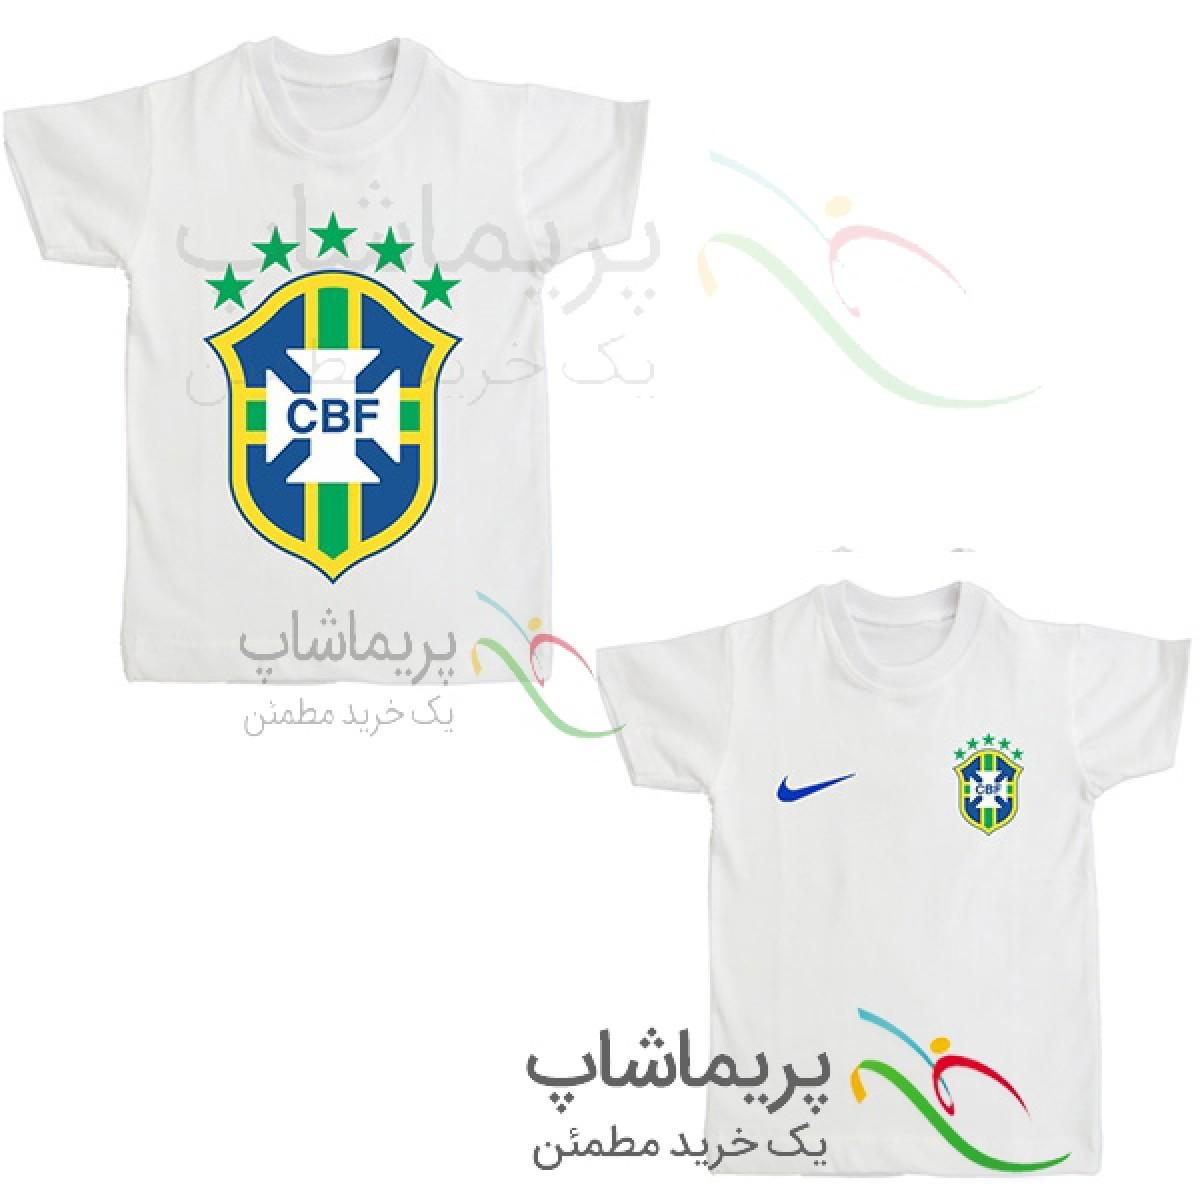 لباس هواداری برزیل بچه گانه